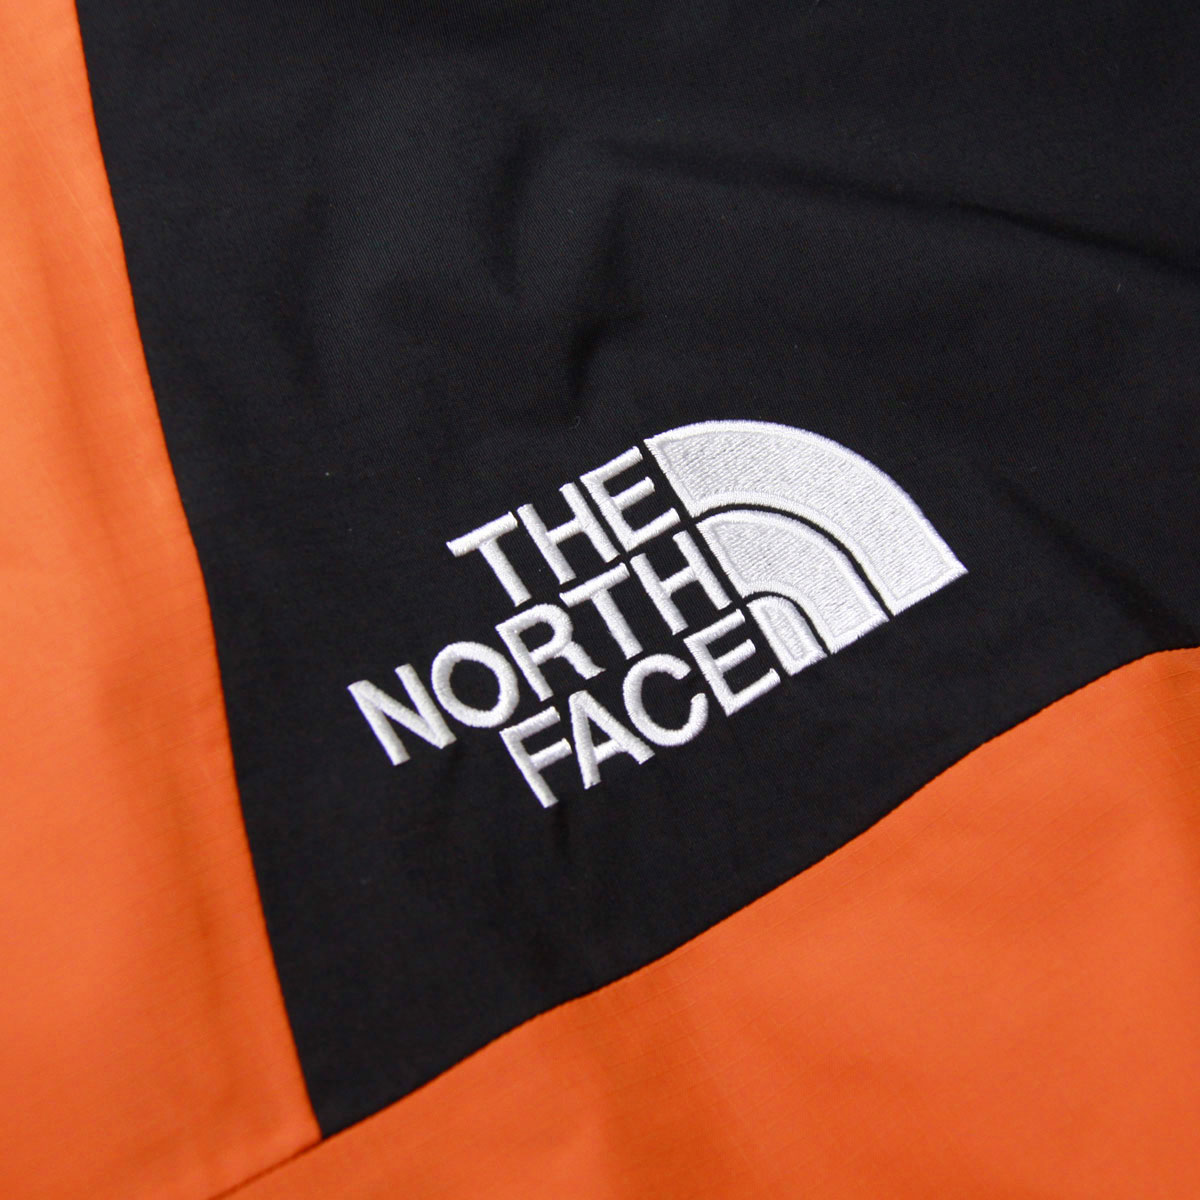 ノースフェイス ジャケット メンズ 正規品 THE NORTH FACE マウンテンパーカー アウター M MOUNTAIN LIGHT DRYVENT INSULATED JACKET NF0A3XY5 BURNT OCHRE A14B B1C C1D D4E E04F ホワイトデー 2021 ラッピング無料